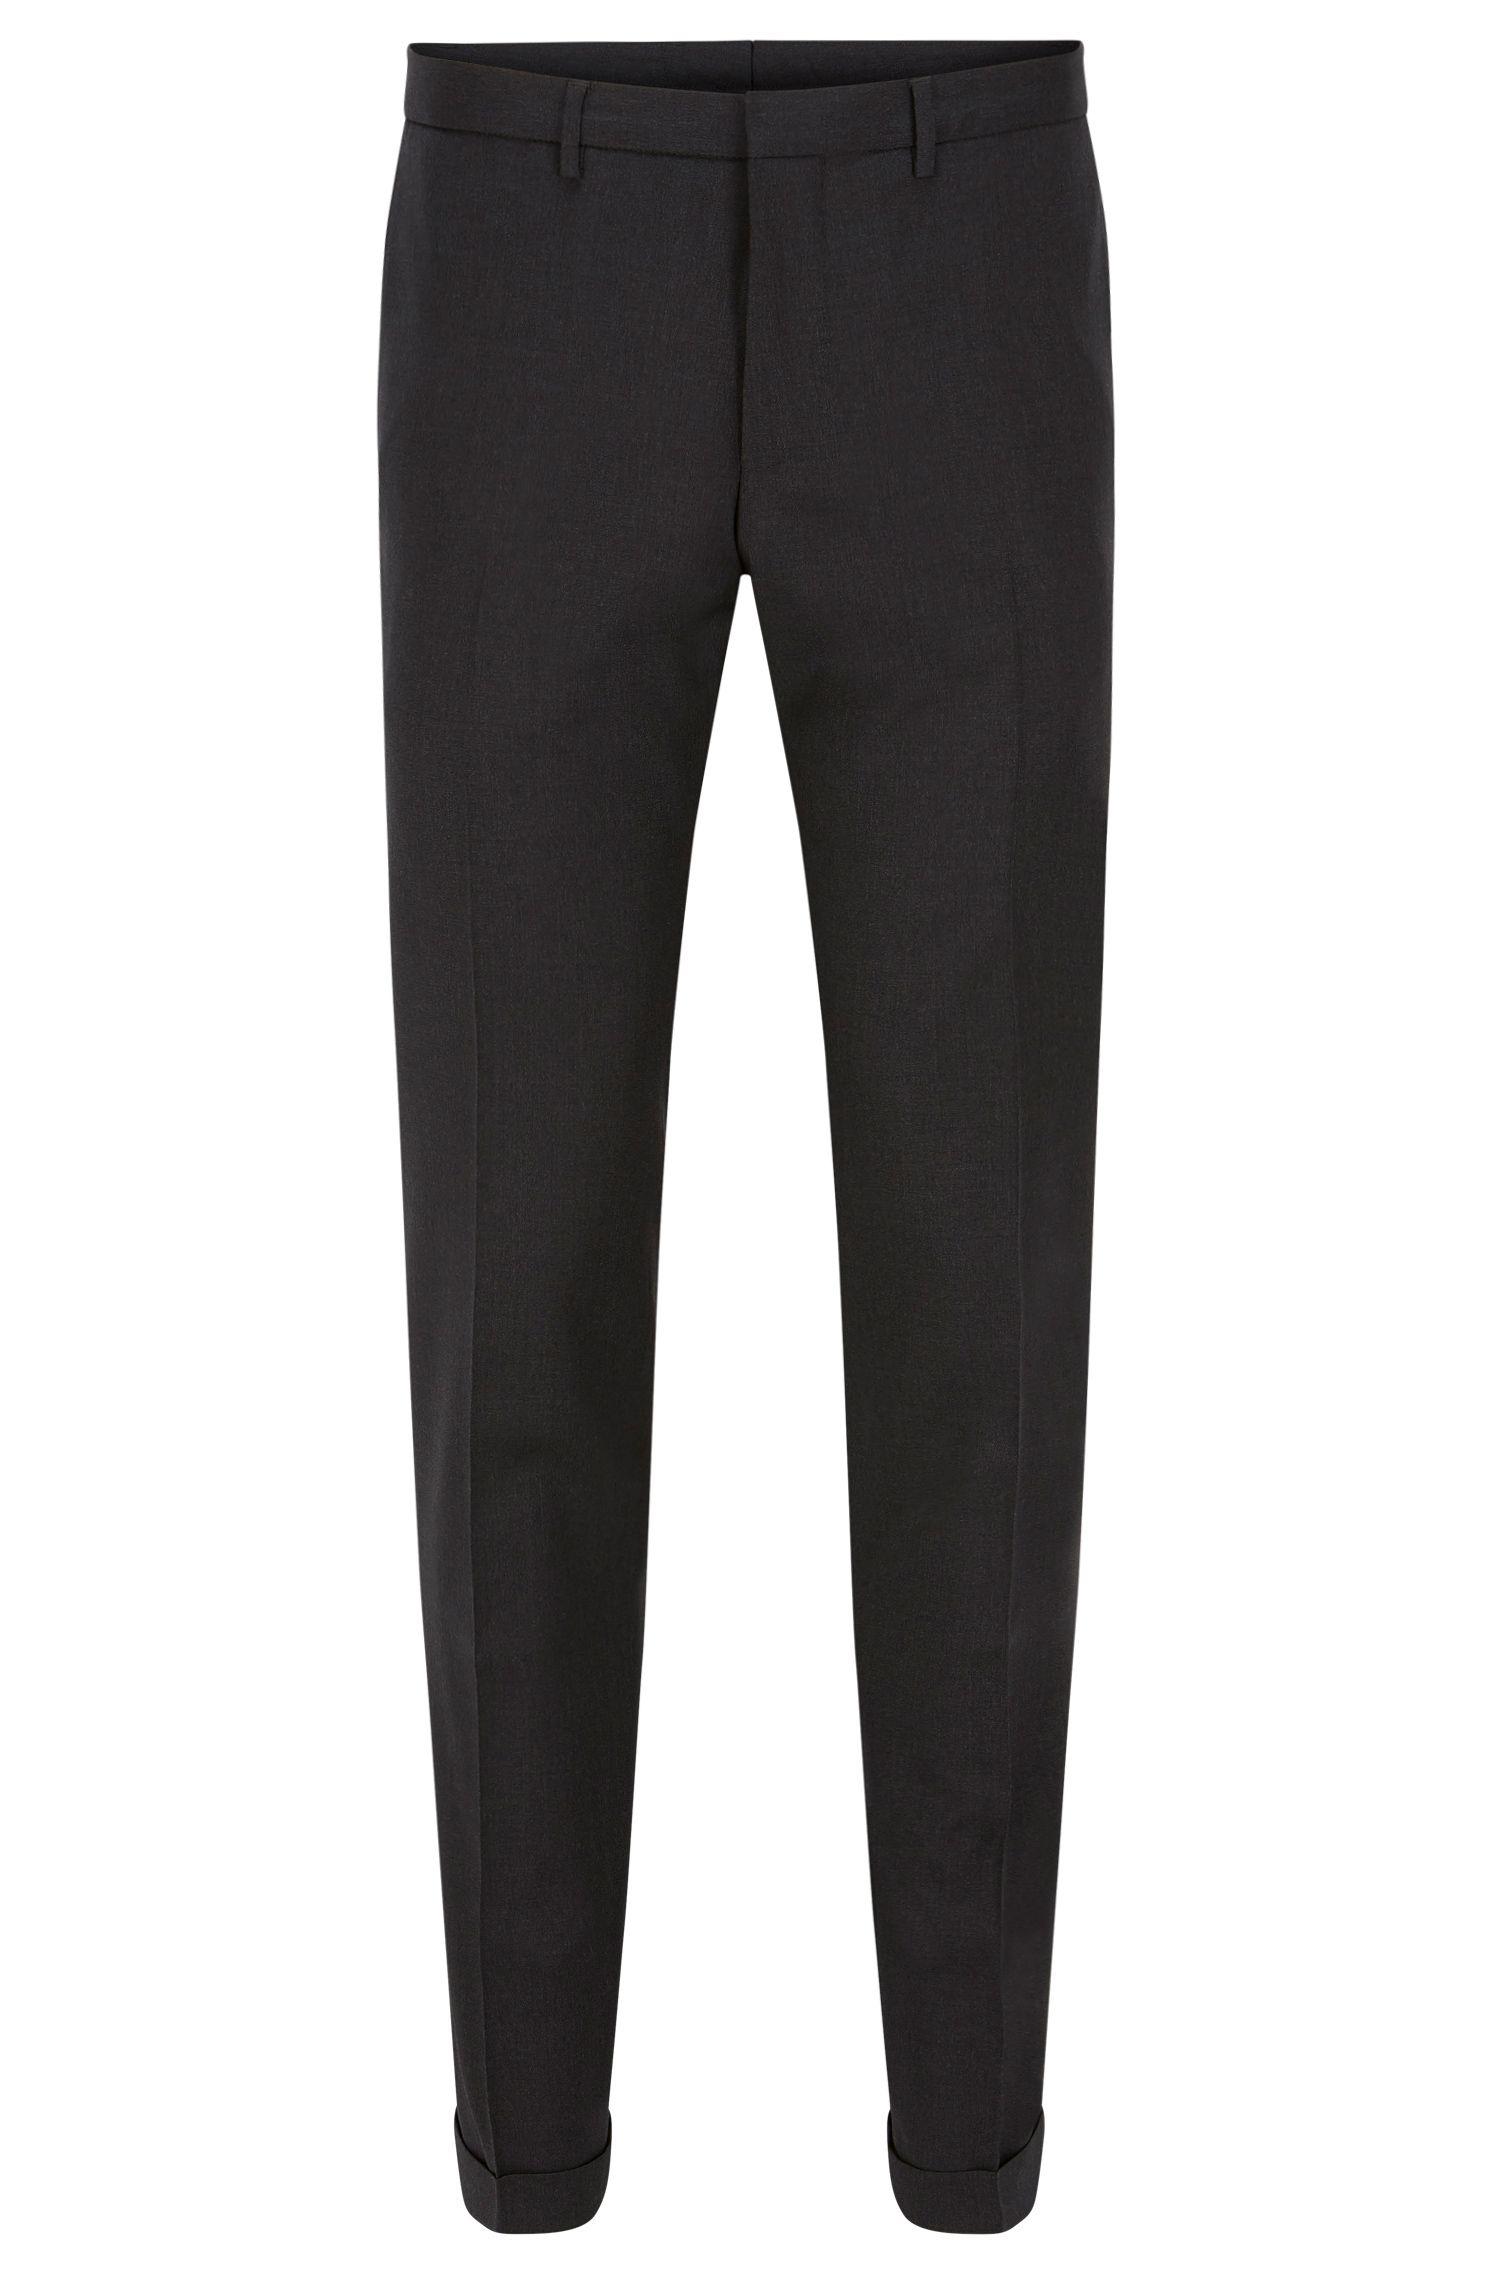 Pantalón extra slim fit en lana virgen